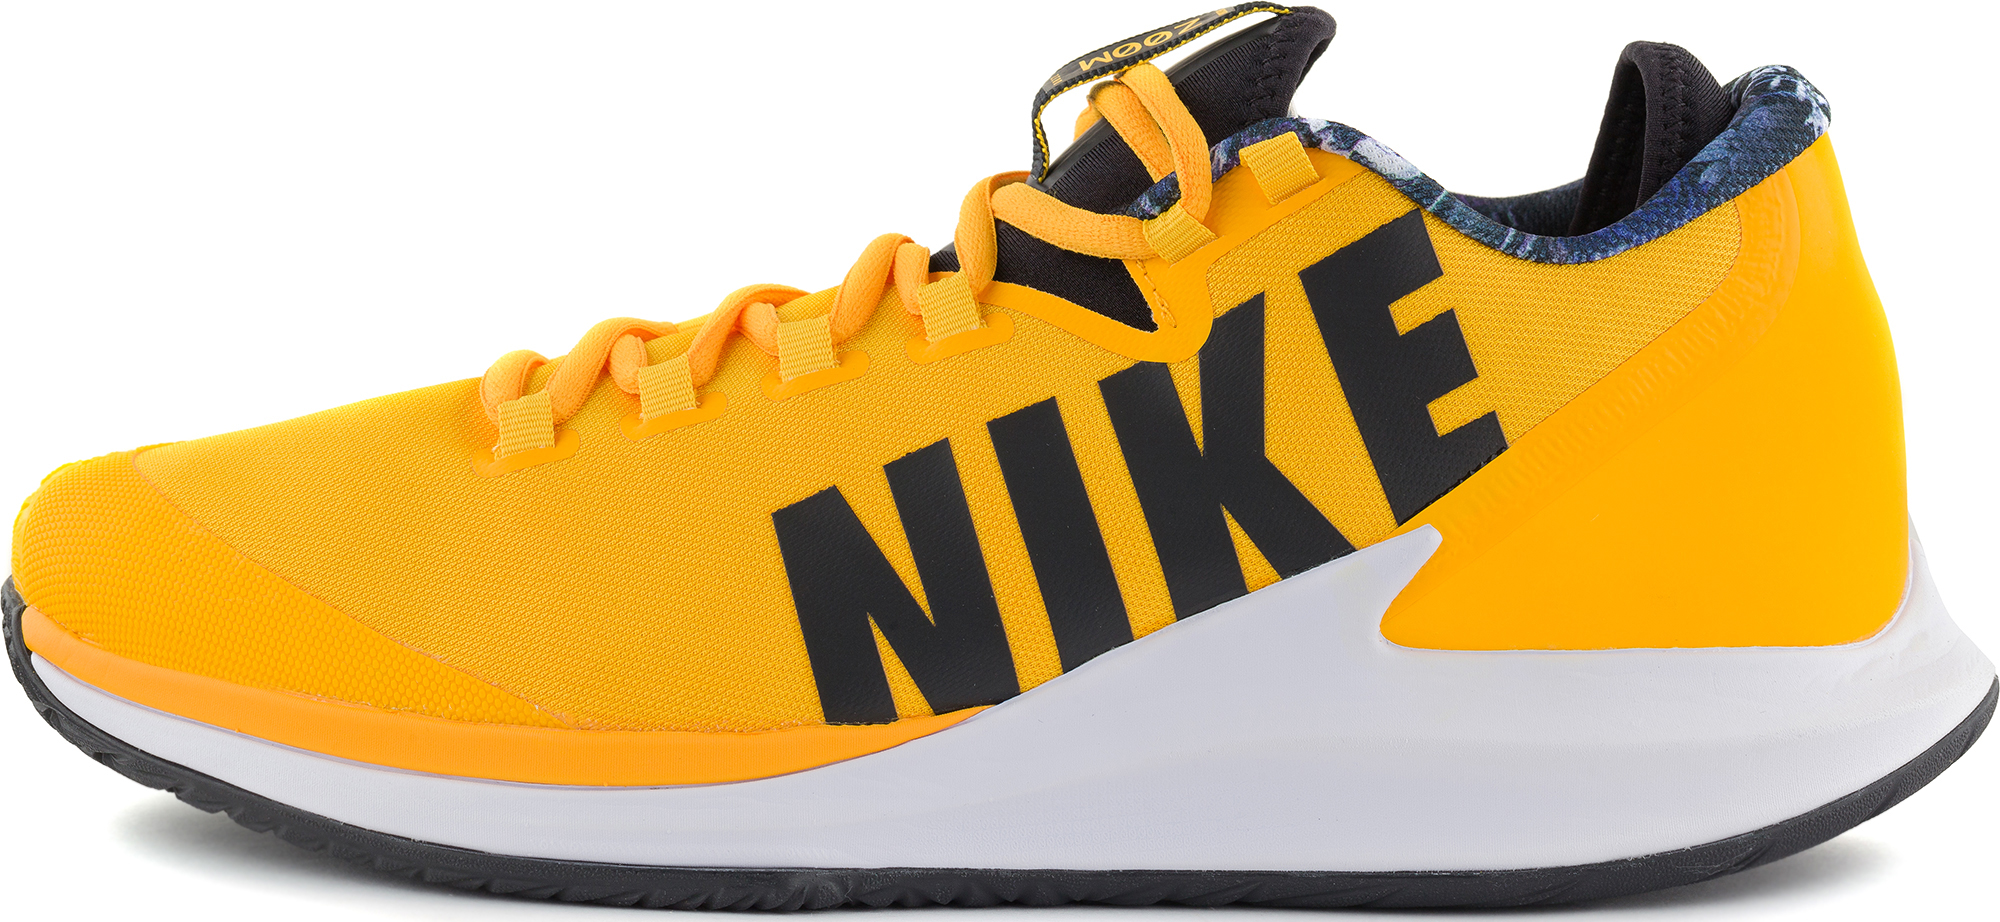 цена Nike Кроссовки мужские Nike Zoom Zero, размер 45 онлайн в 2017 году